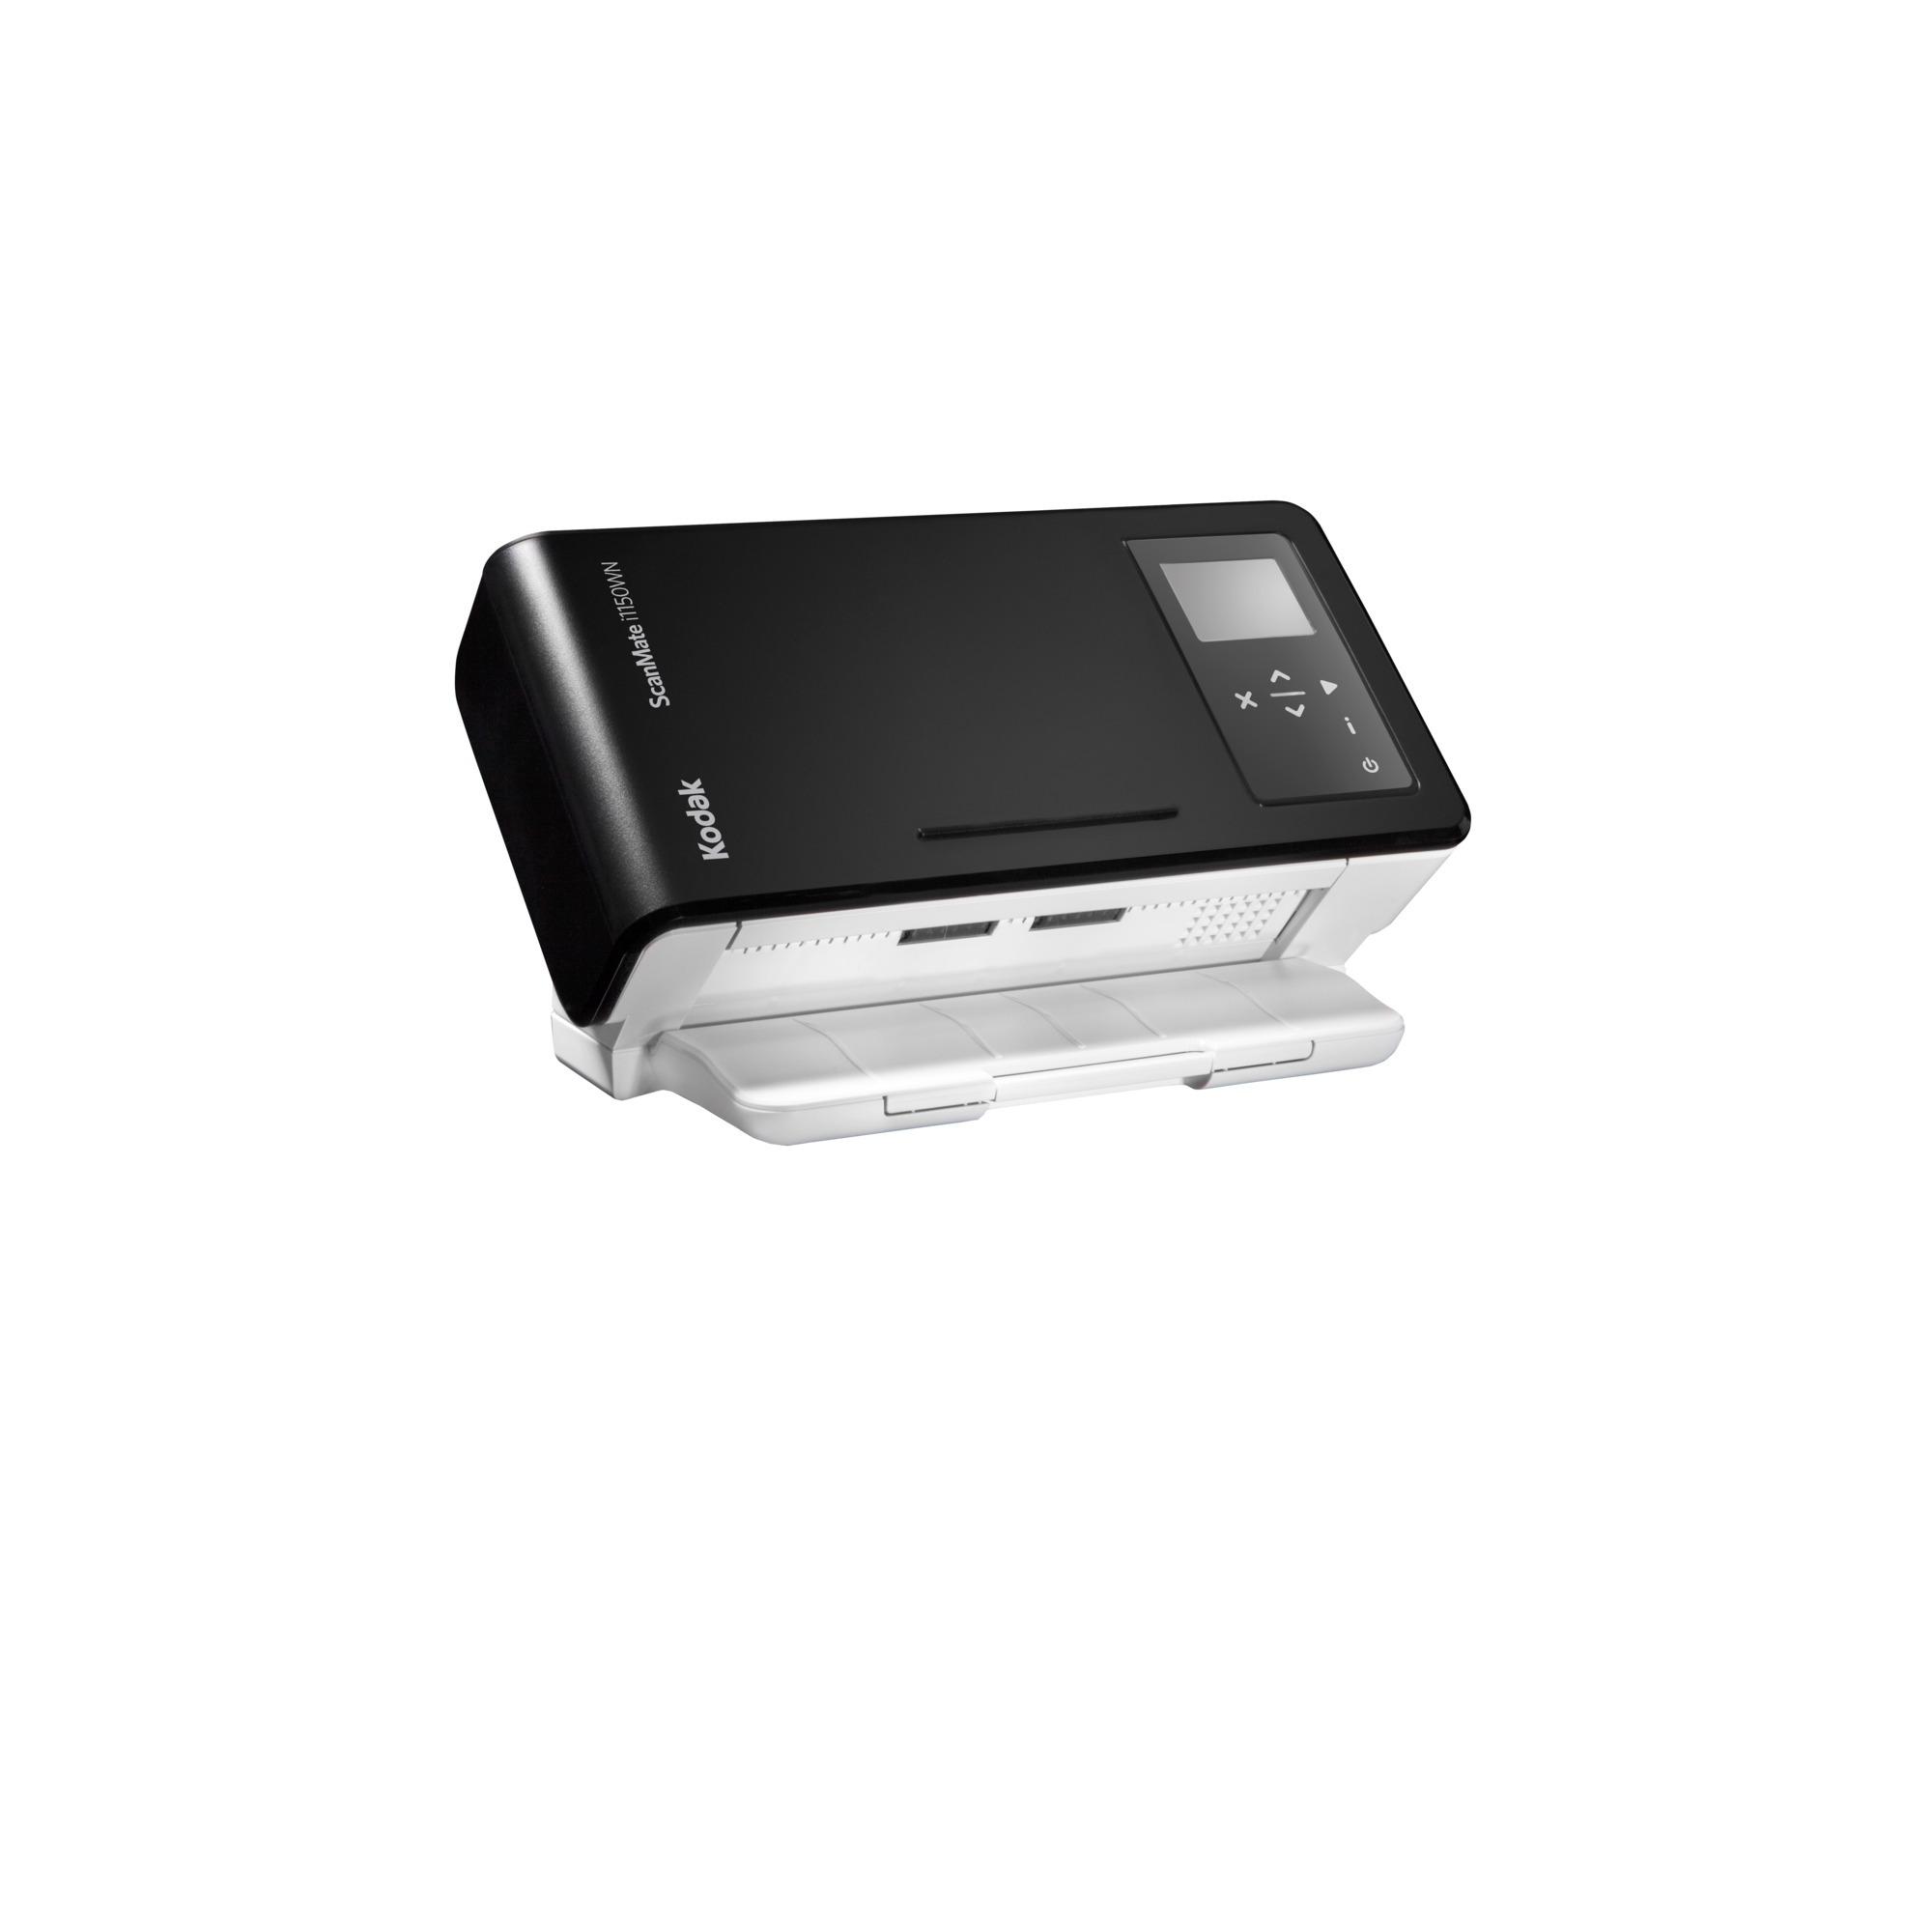 ScanMate i1150WN Scanner 600 x 600 DPI Escáner con alimentador automático de documentos (ADF) Negro A4, Escáner de alimentación de hojas